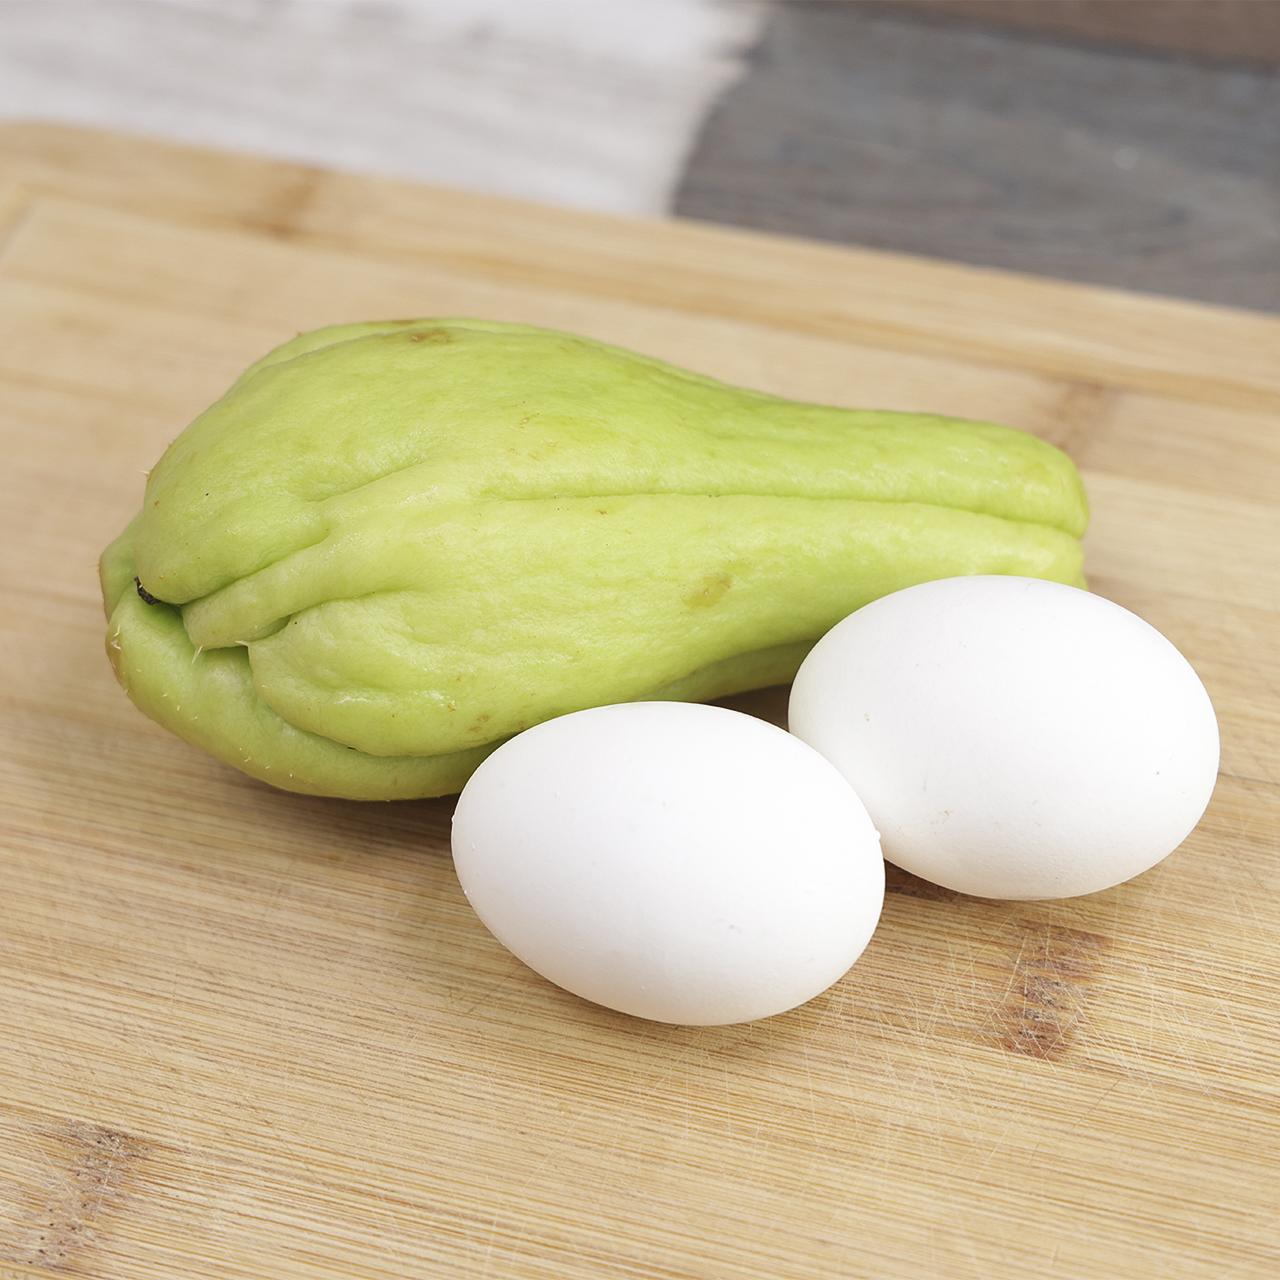 Com um chuchu e 2 ovos você prepara um jantar delicioso, econômico e saudável!